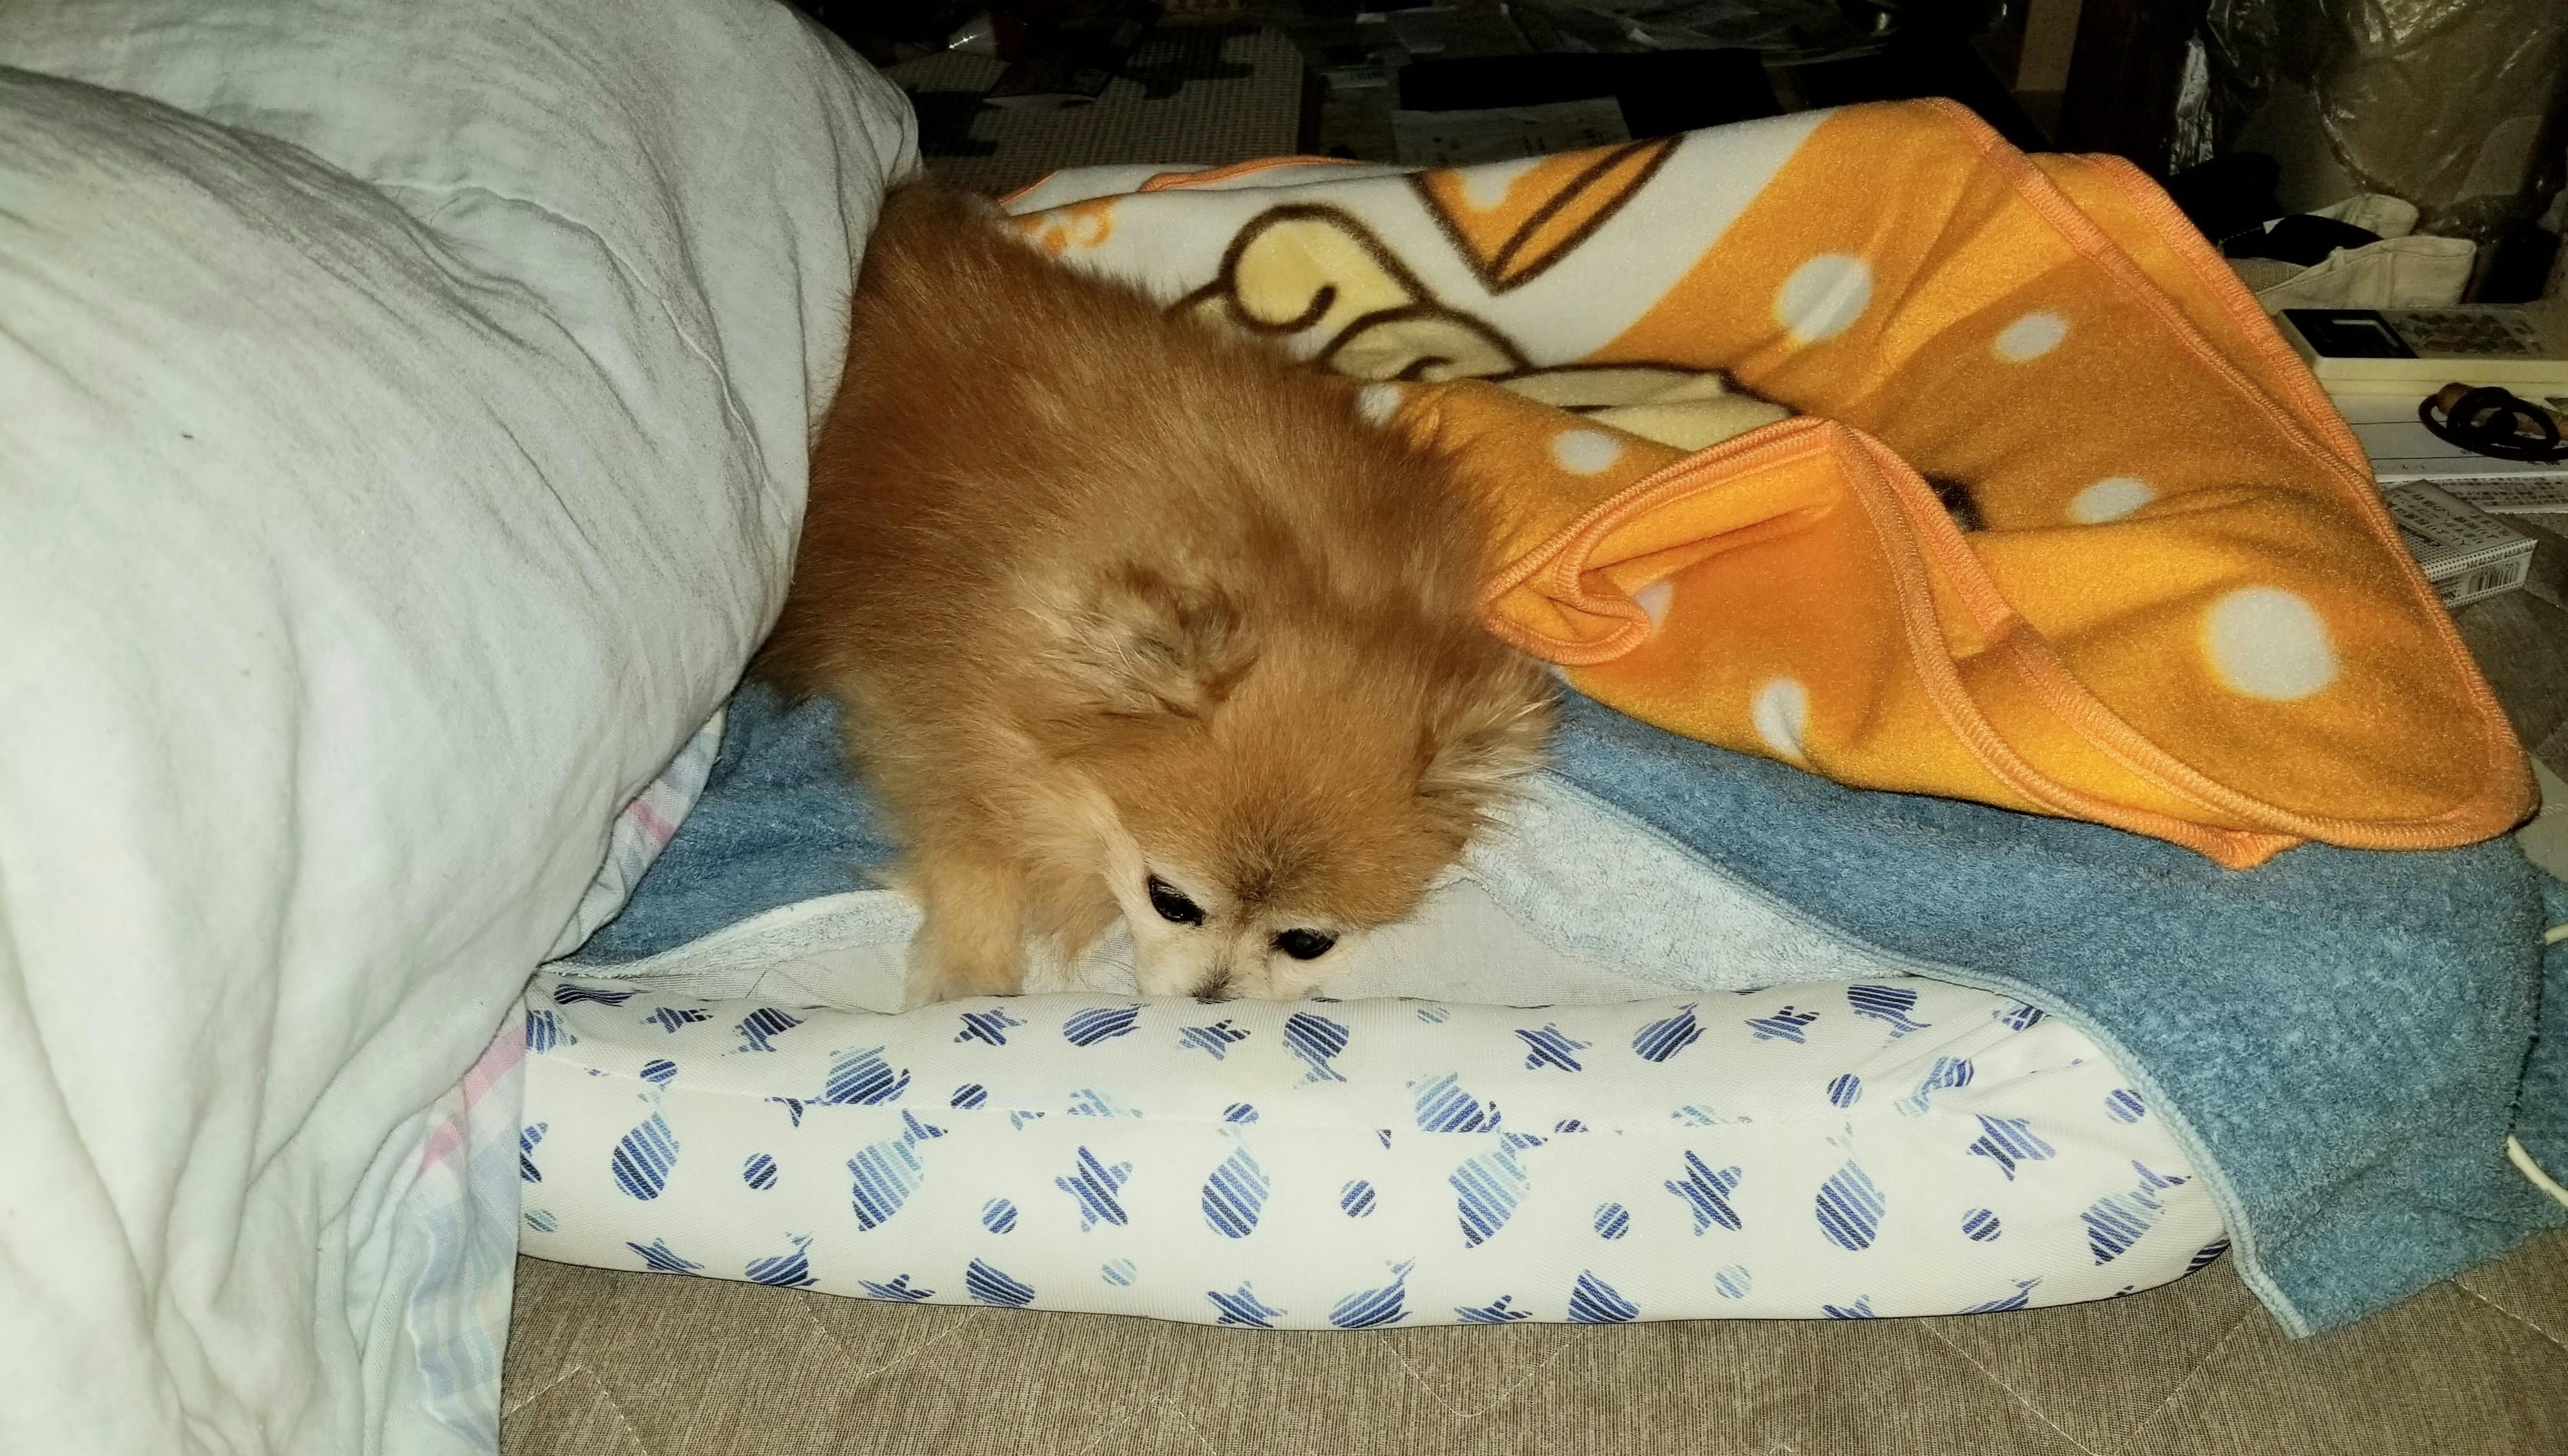 衰弱った老犬ペットの病気介護長生きしてねずっと一緒立てない